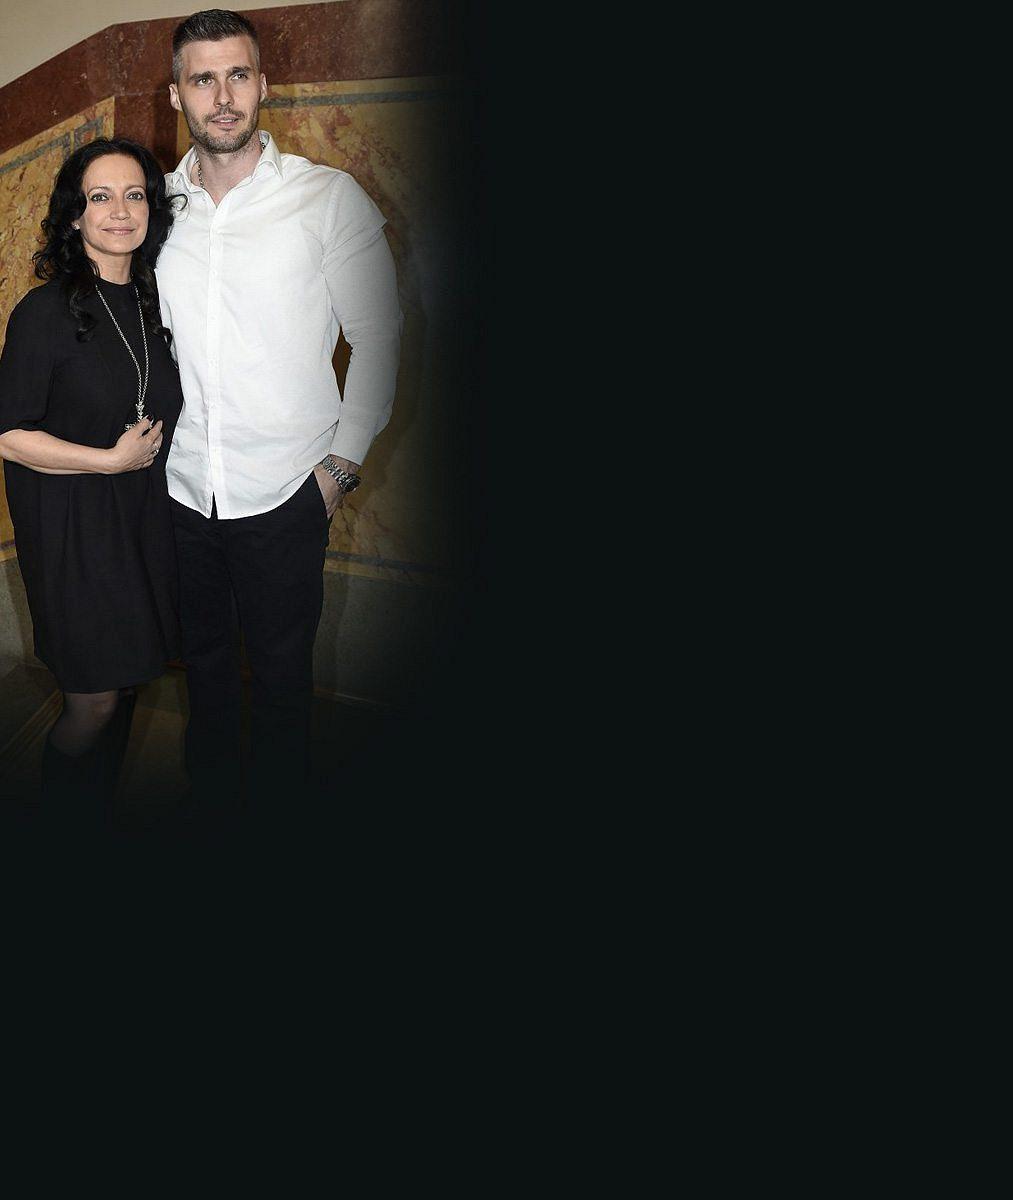 Zase zamilovaná: Lucie Bílá poprvé prozradila, že se svalnatým ochráncem opět tvoří pár. Co je svedlo dohromady?